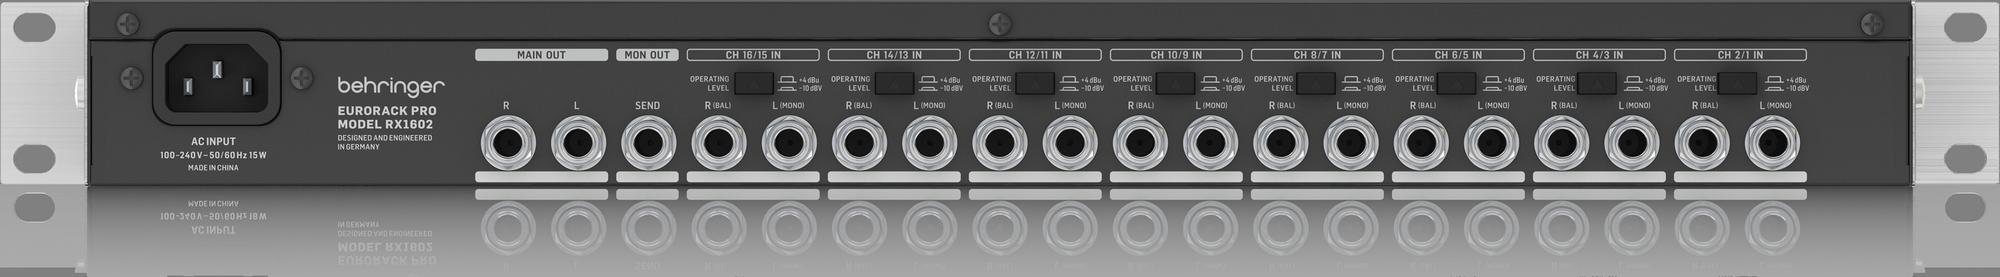 Behringer RX1602 V2 - Mélangeur à rack